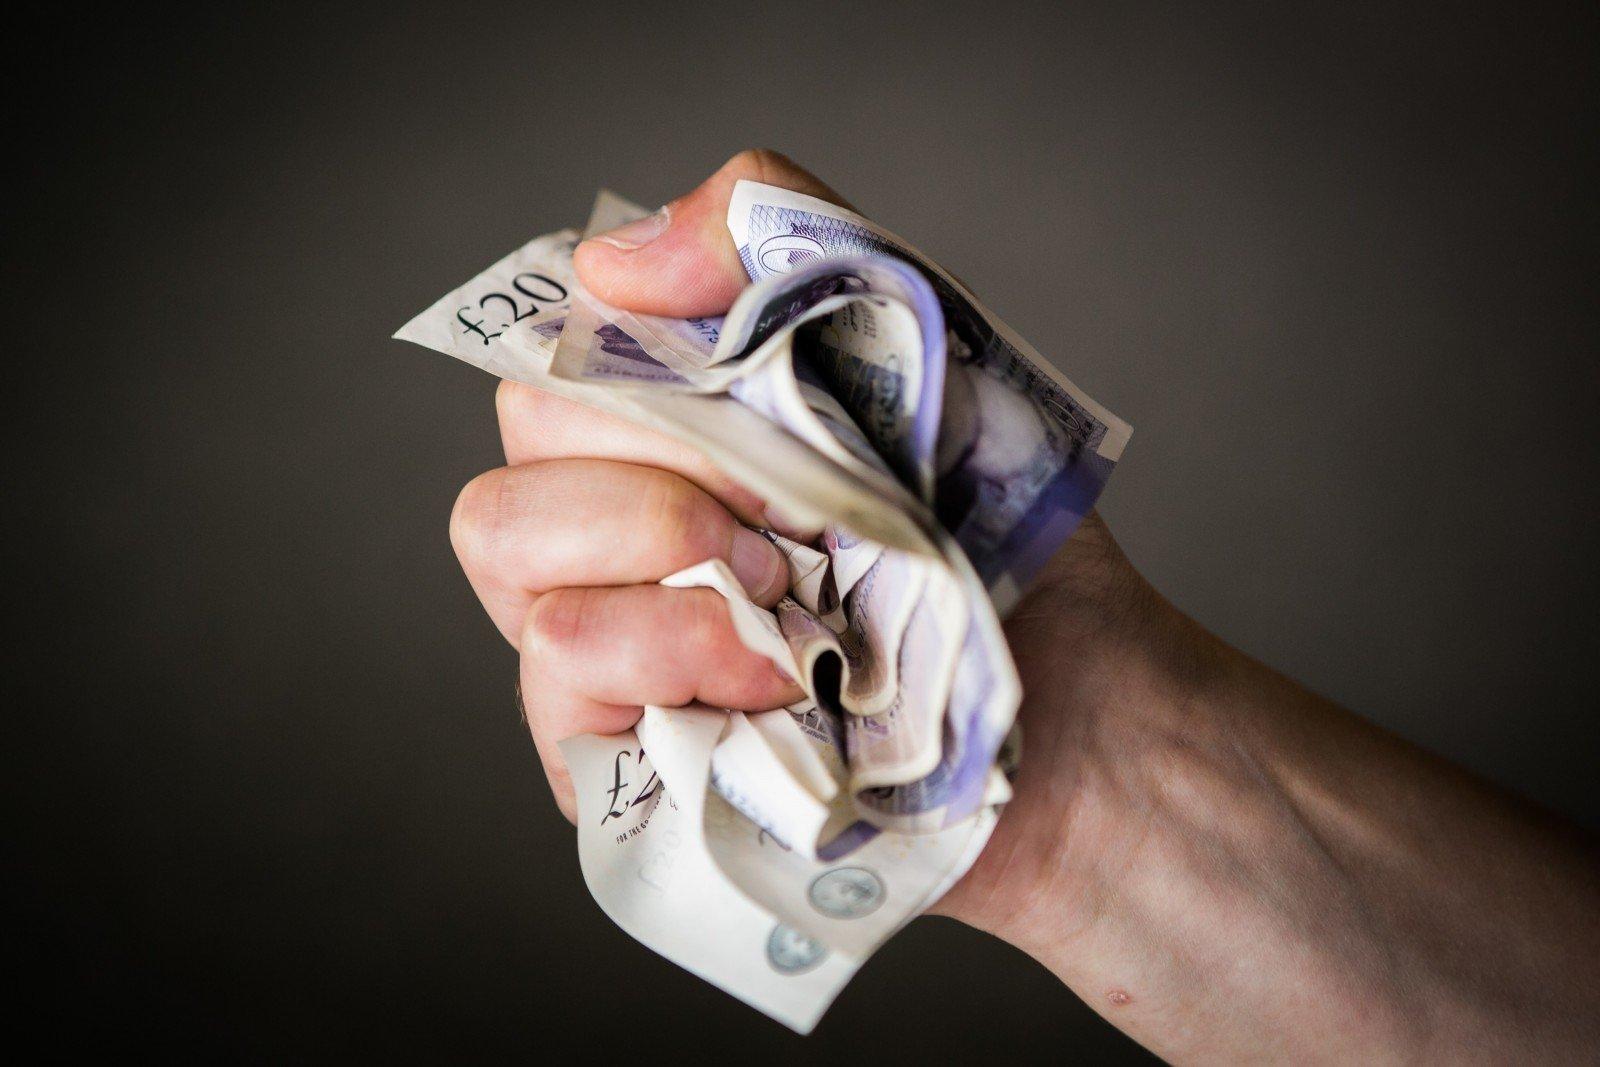 greitai uždirbti pinigus gali būti neteisėta interneto uždarbio premijos